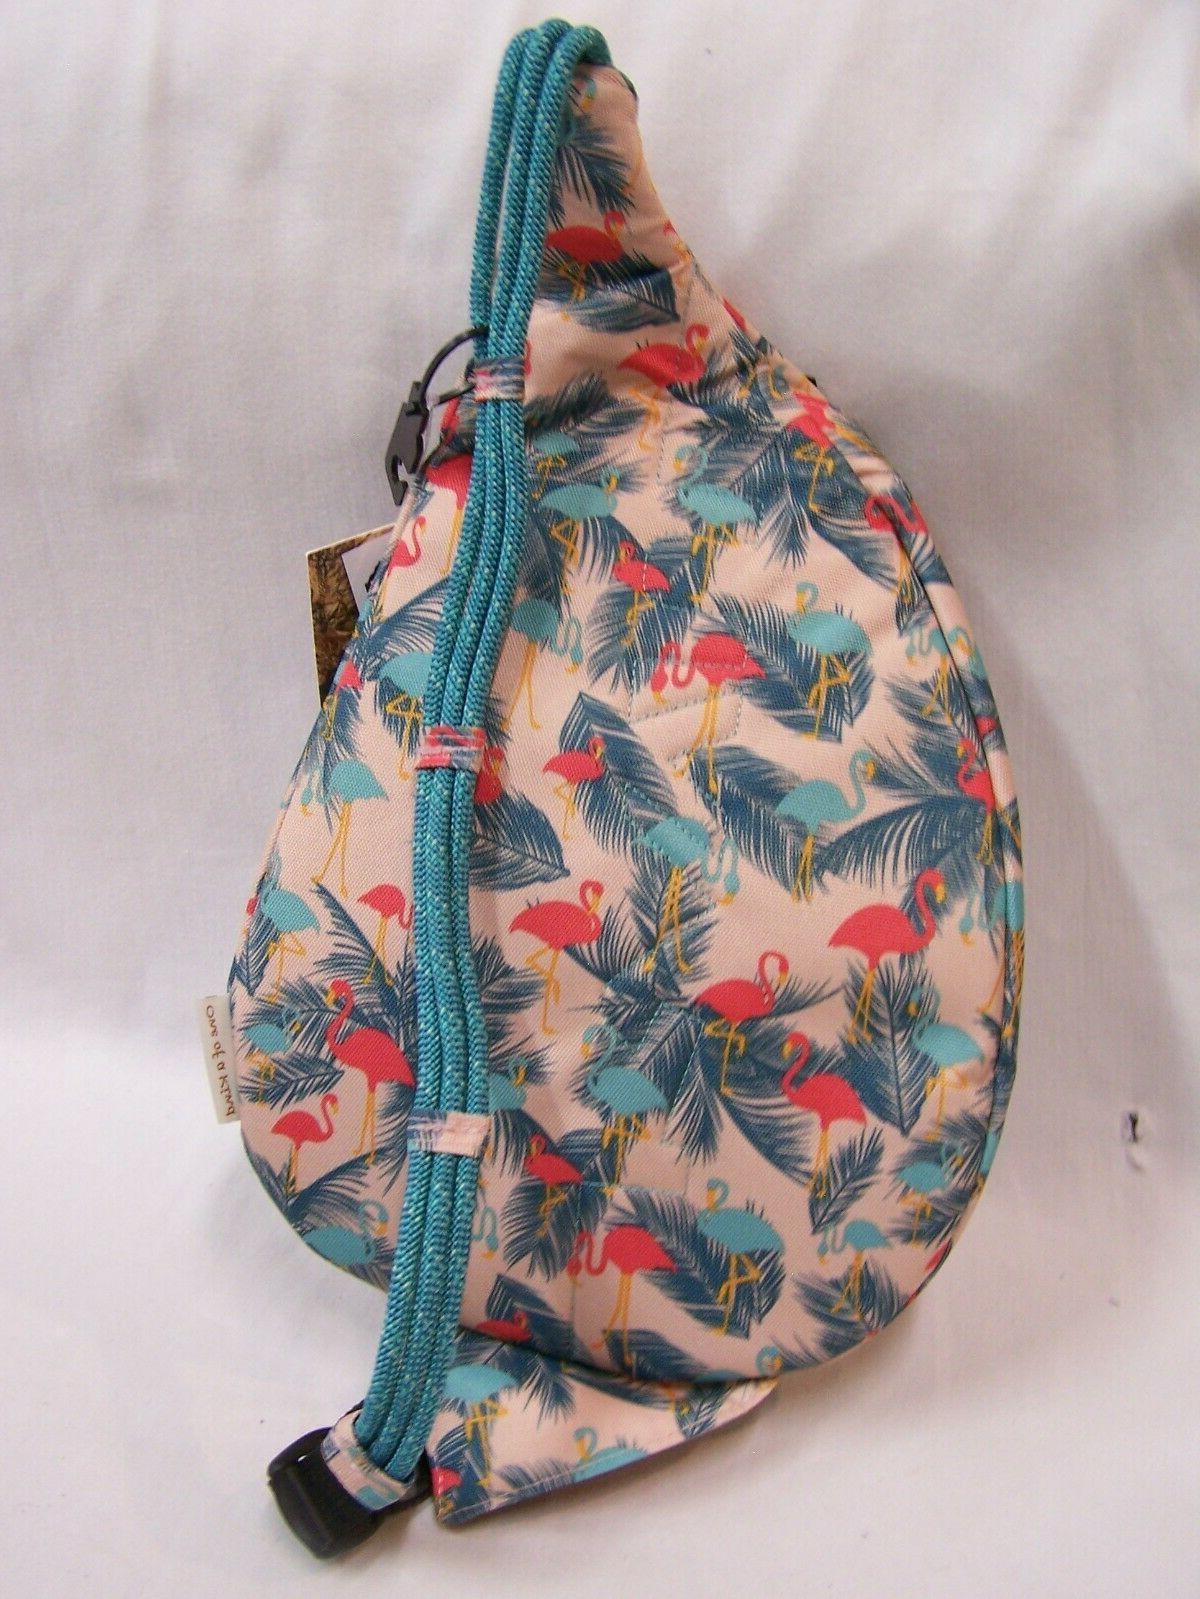 KAVU Mini Bag Polyester Crossbody Shoulder Backpack - Flamingo Fest